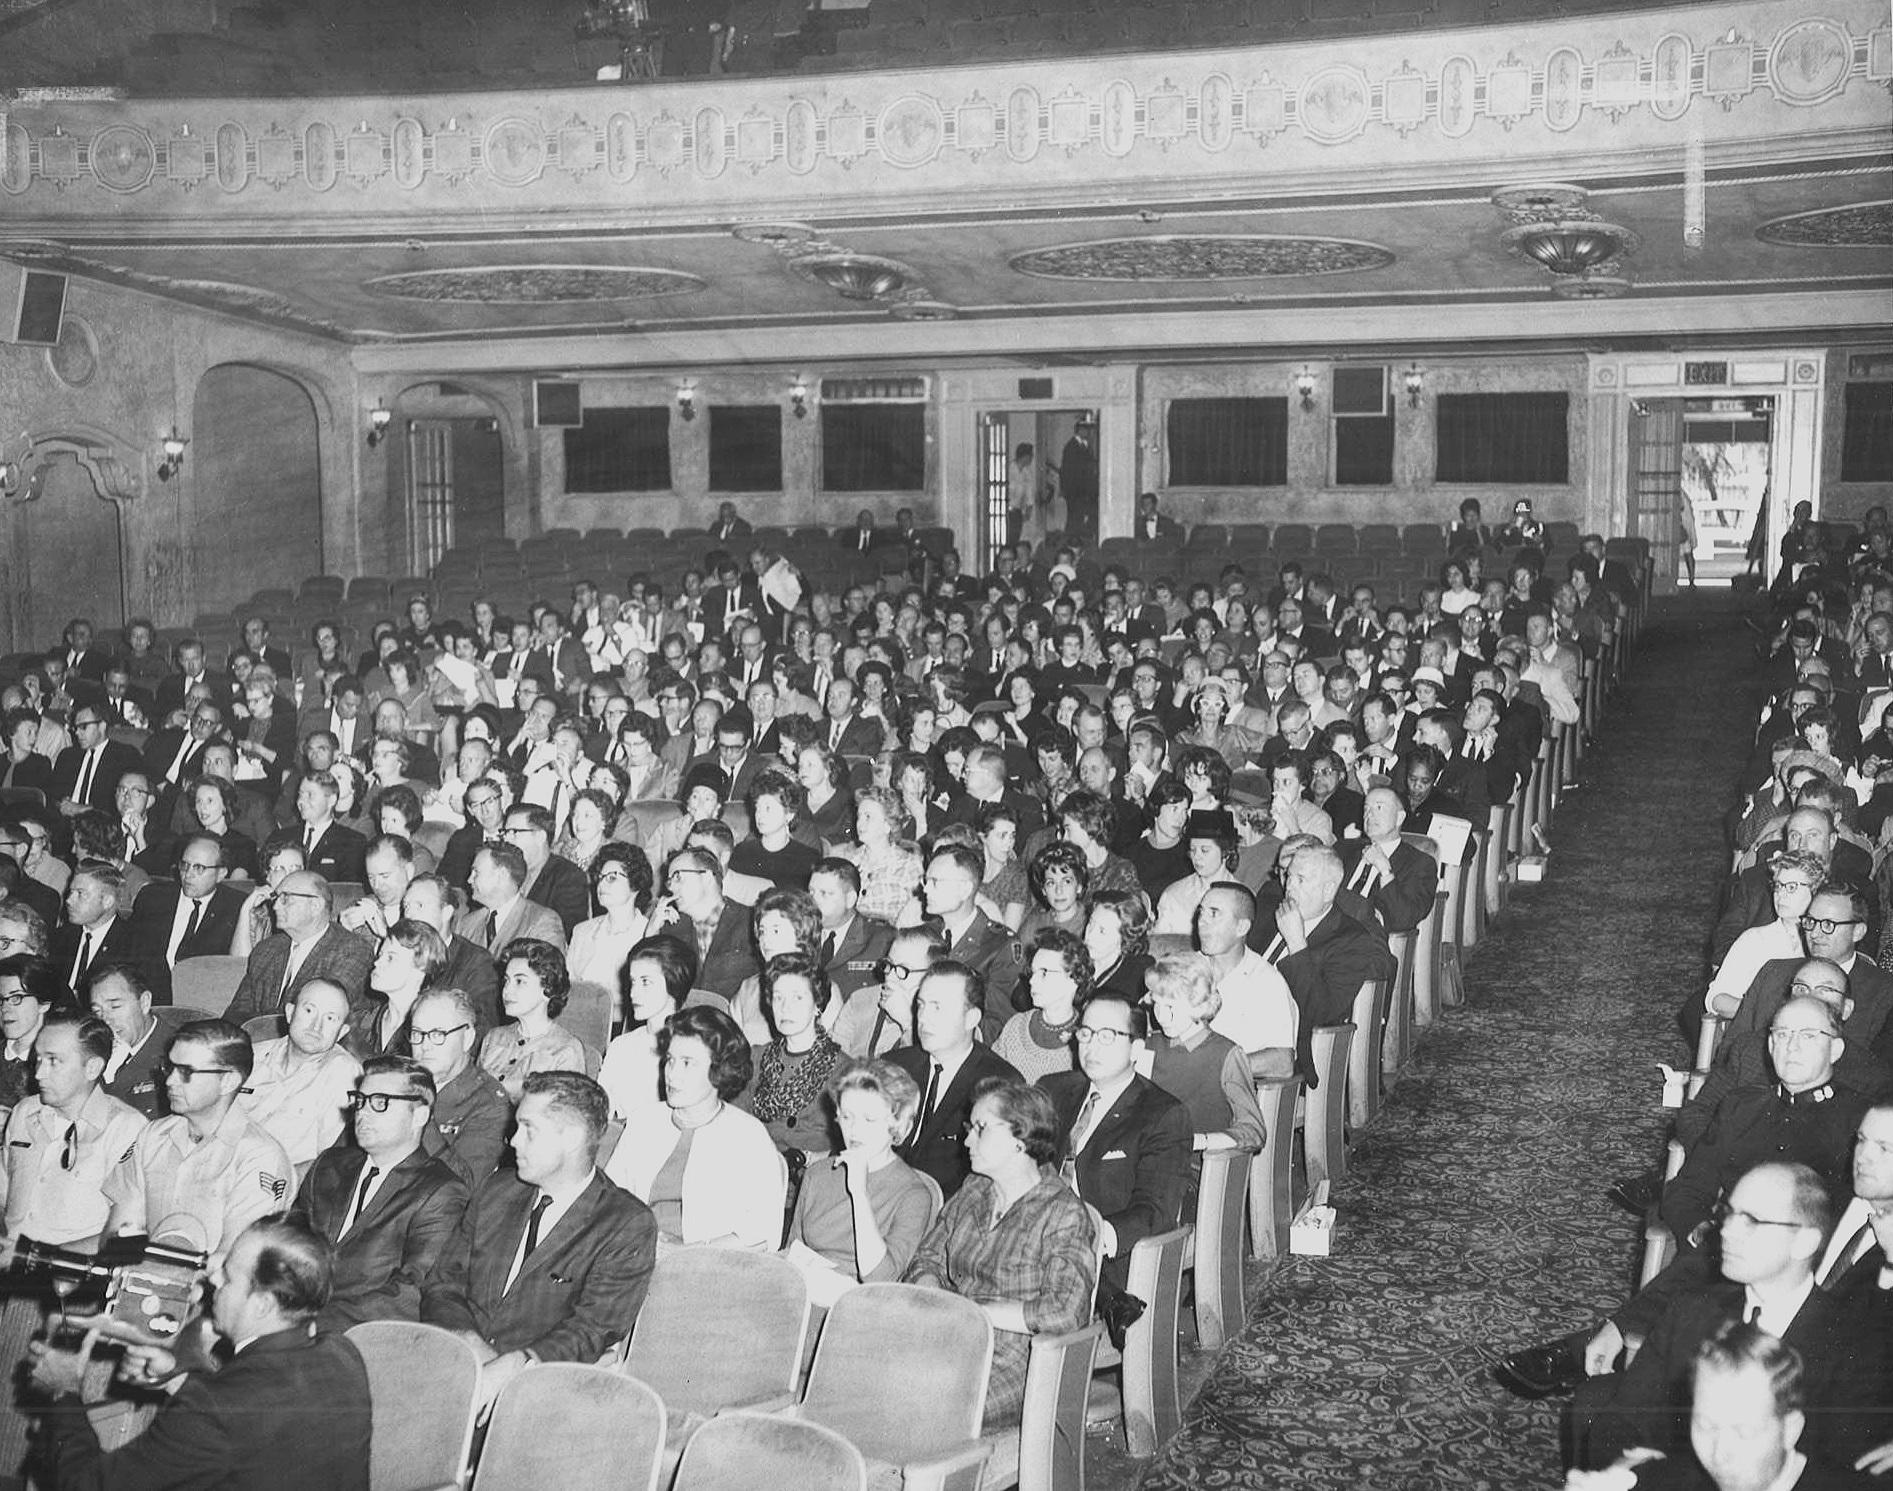 Auditorium (1955)